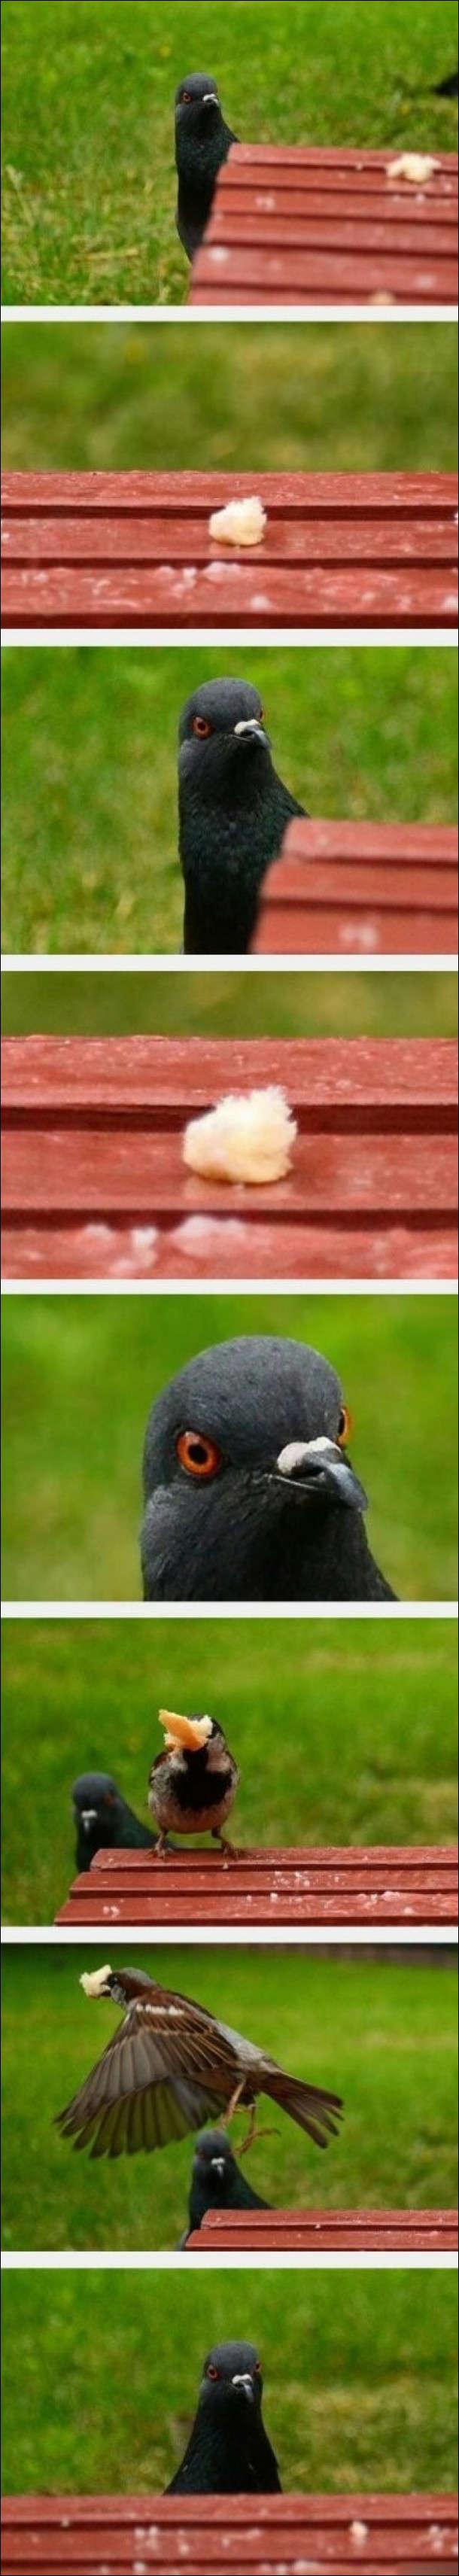 Голуб побачив на лавочці крихту хліба. Пока він на неї зачаровано дивився, підлетів горобець і забрав хліб